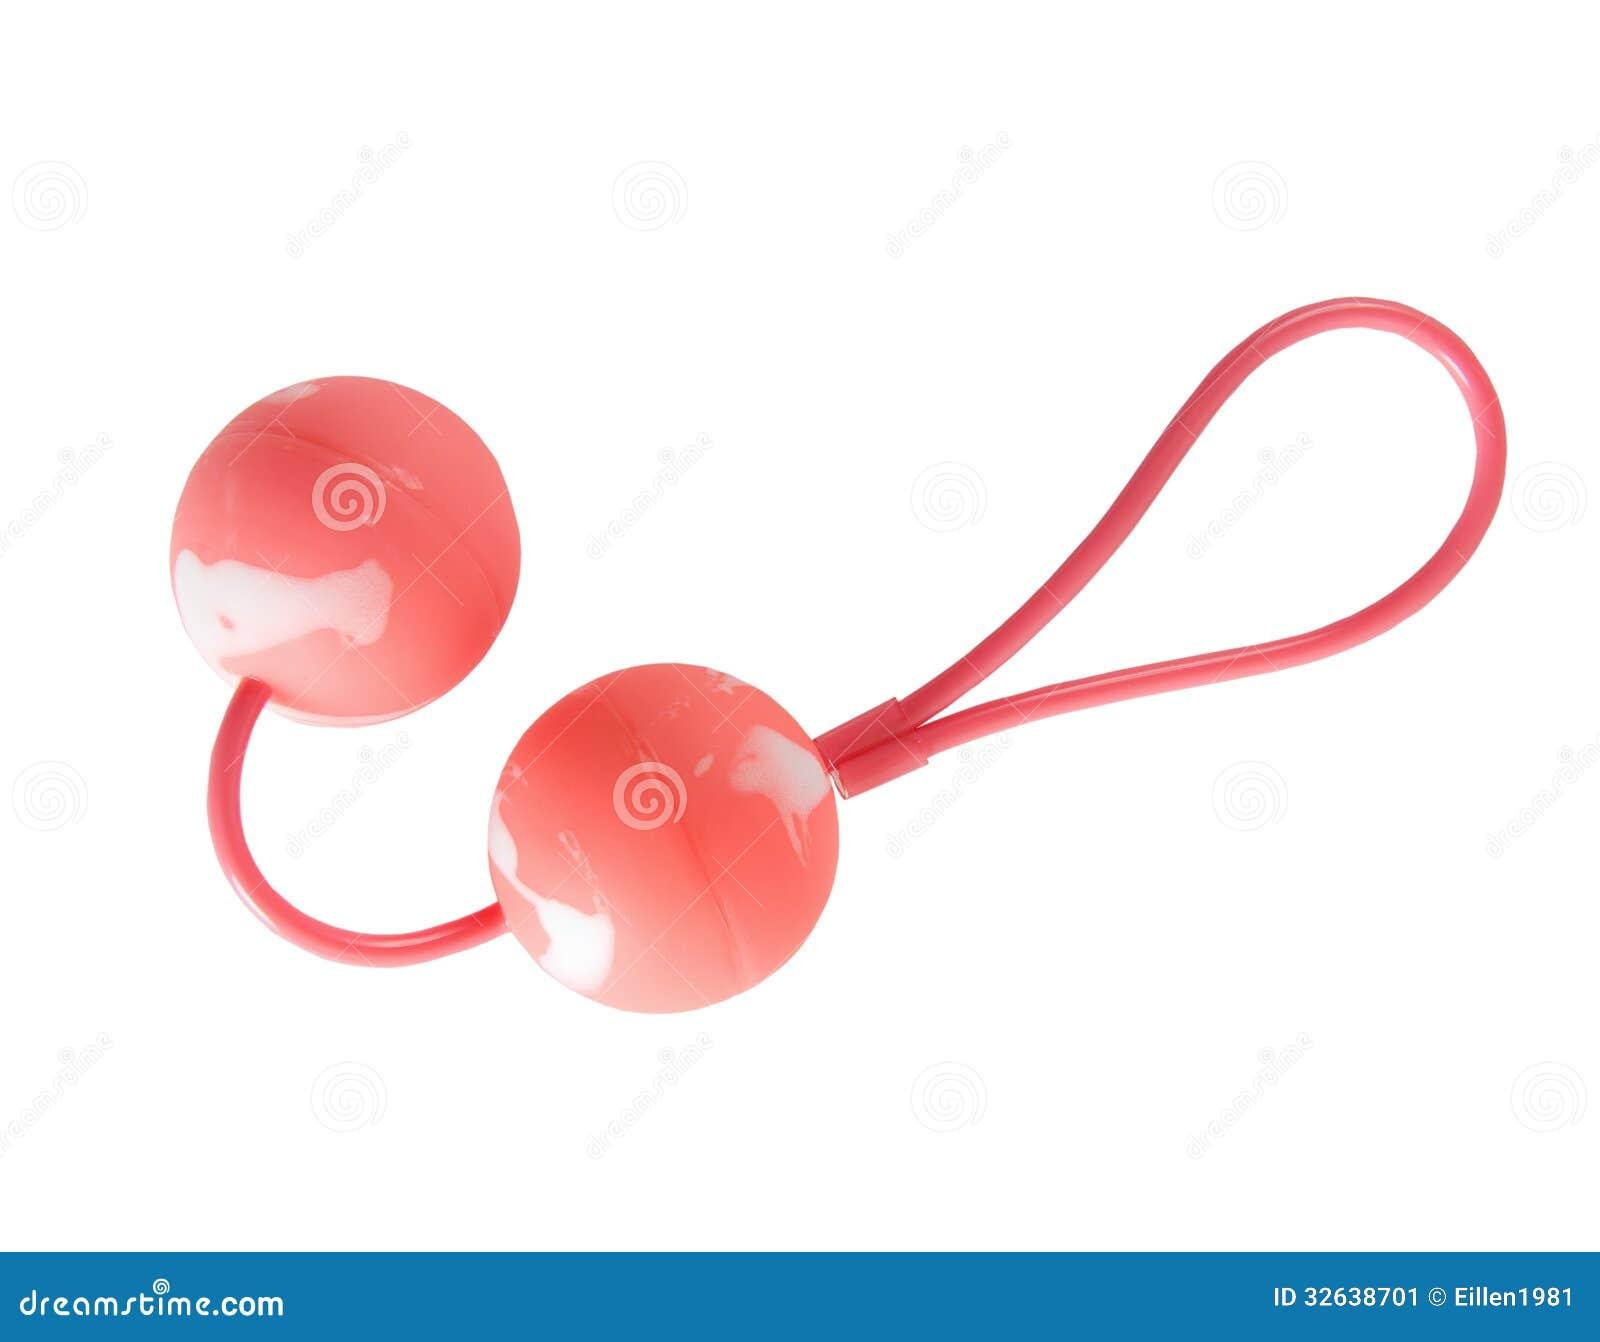 vaginal balls